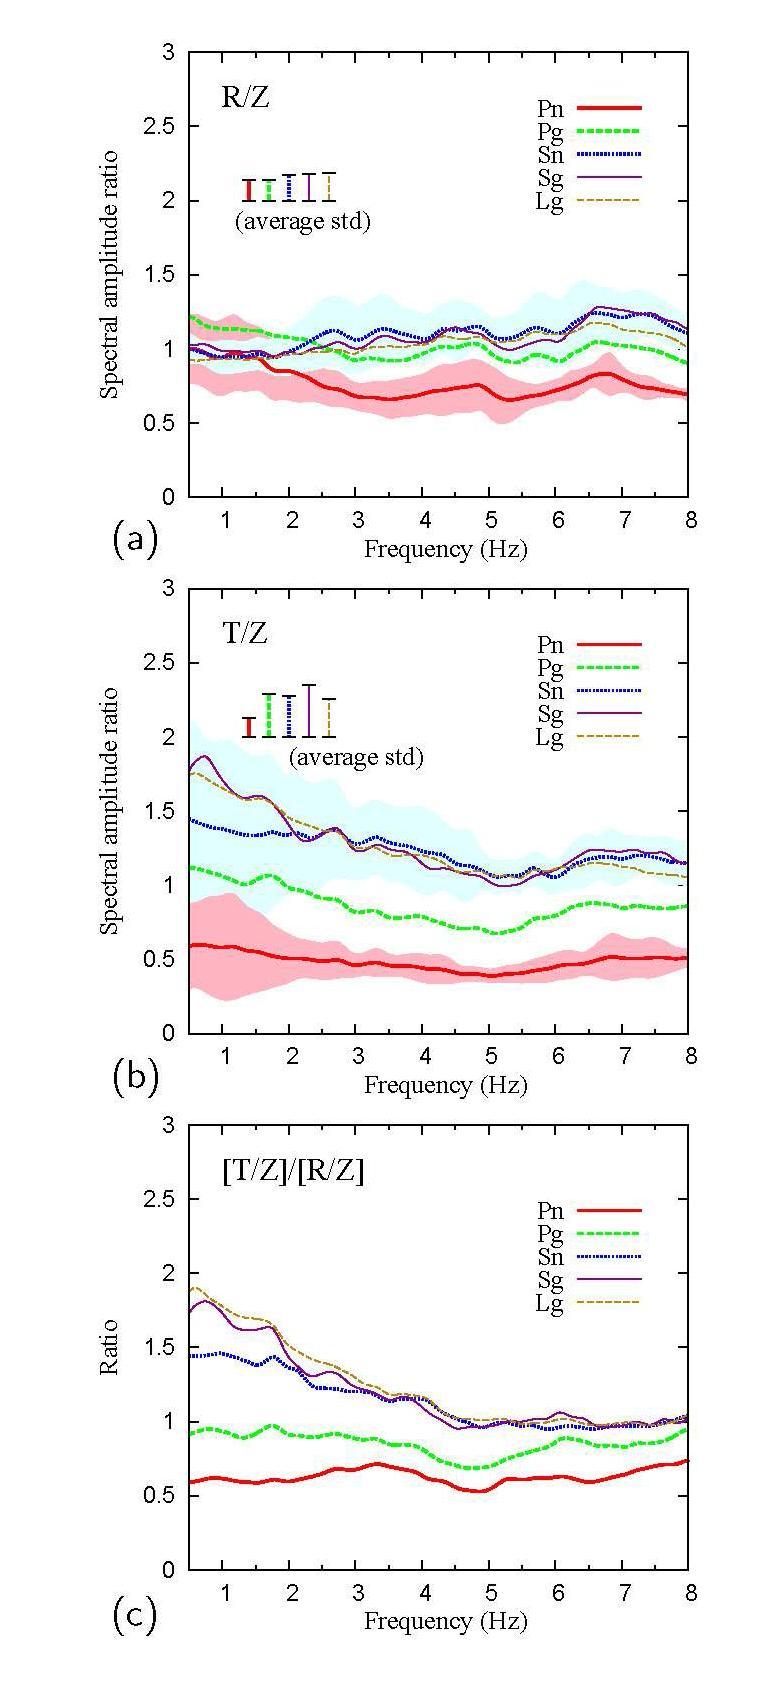 한반도 관측소에 대한 지역 위상 (? ?, ? ? , ? ?, ? ? , ? ? )의 정규화 된 평균 H/V비. ? ?과 ? ?위상에 대한 표준 편차의 변화는 붉은색과 푸른색의 음영 처리된 것에 의해 표시된다. 지역 위 상의 평균 표준 편차 또한 비교를 위해 나타낸다. ? 위상의 정규화 된 H/V 비는 수평 구성요소 모두에서 ? 위상의 정규화 된 H/V 비보 다 작은 것으로 추정된다.